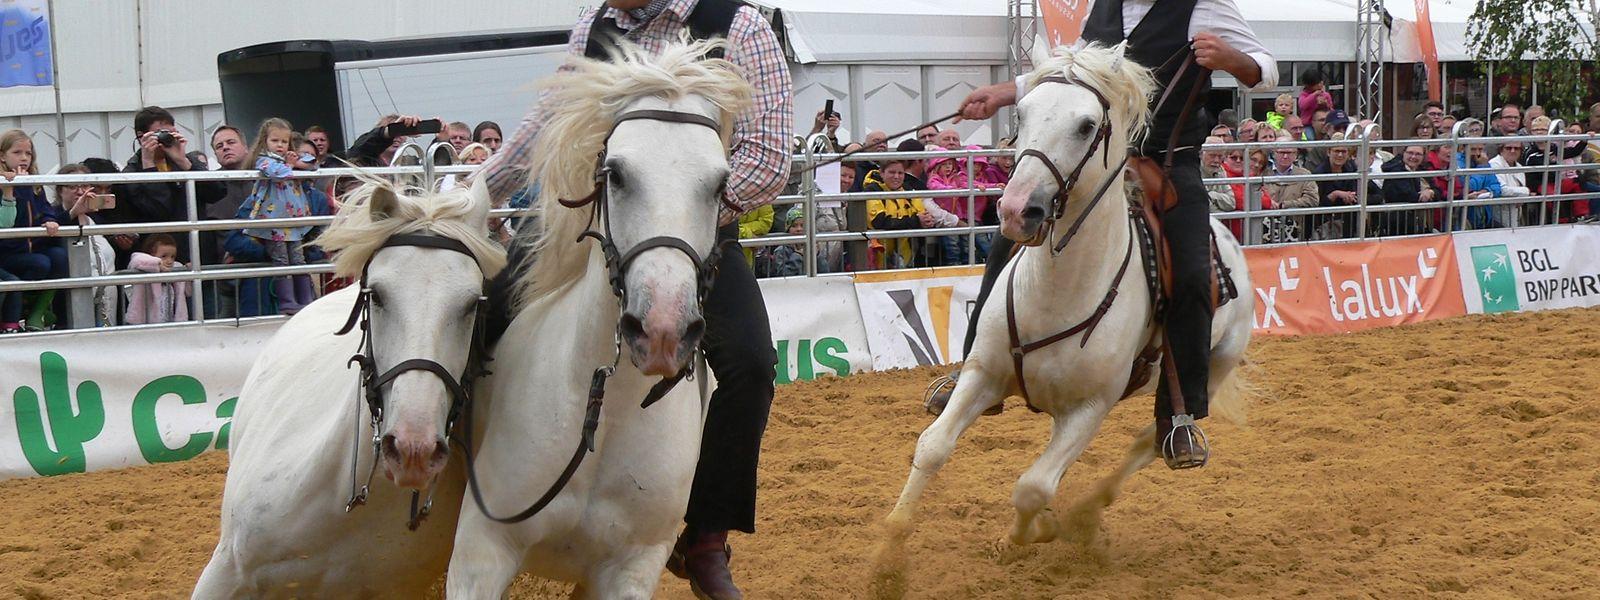 """Die Show-Acts der weißen Camargue-Pferde gehörten zu den Highlights der diesjährigen """"Foire agricole""""."""